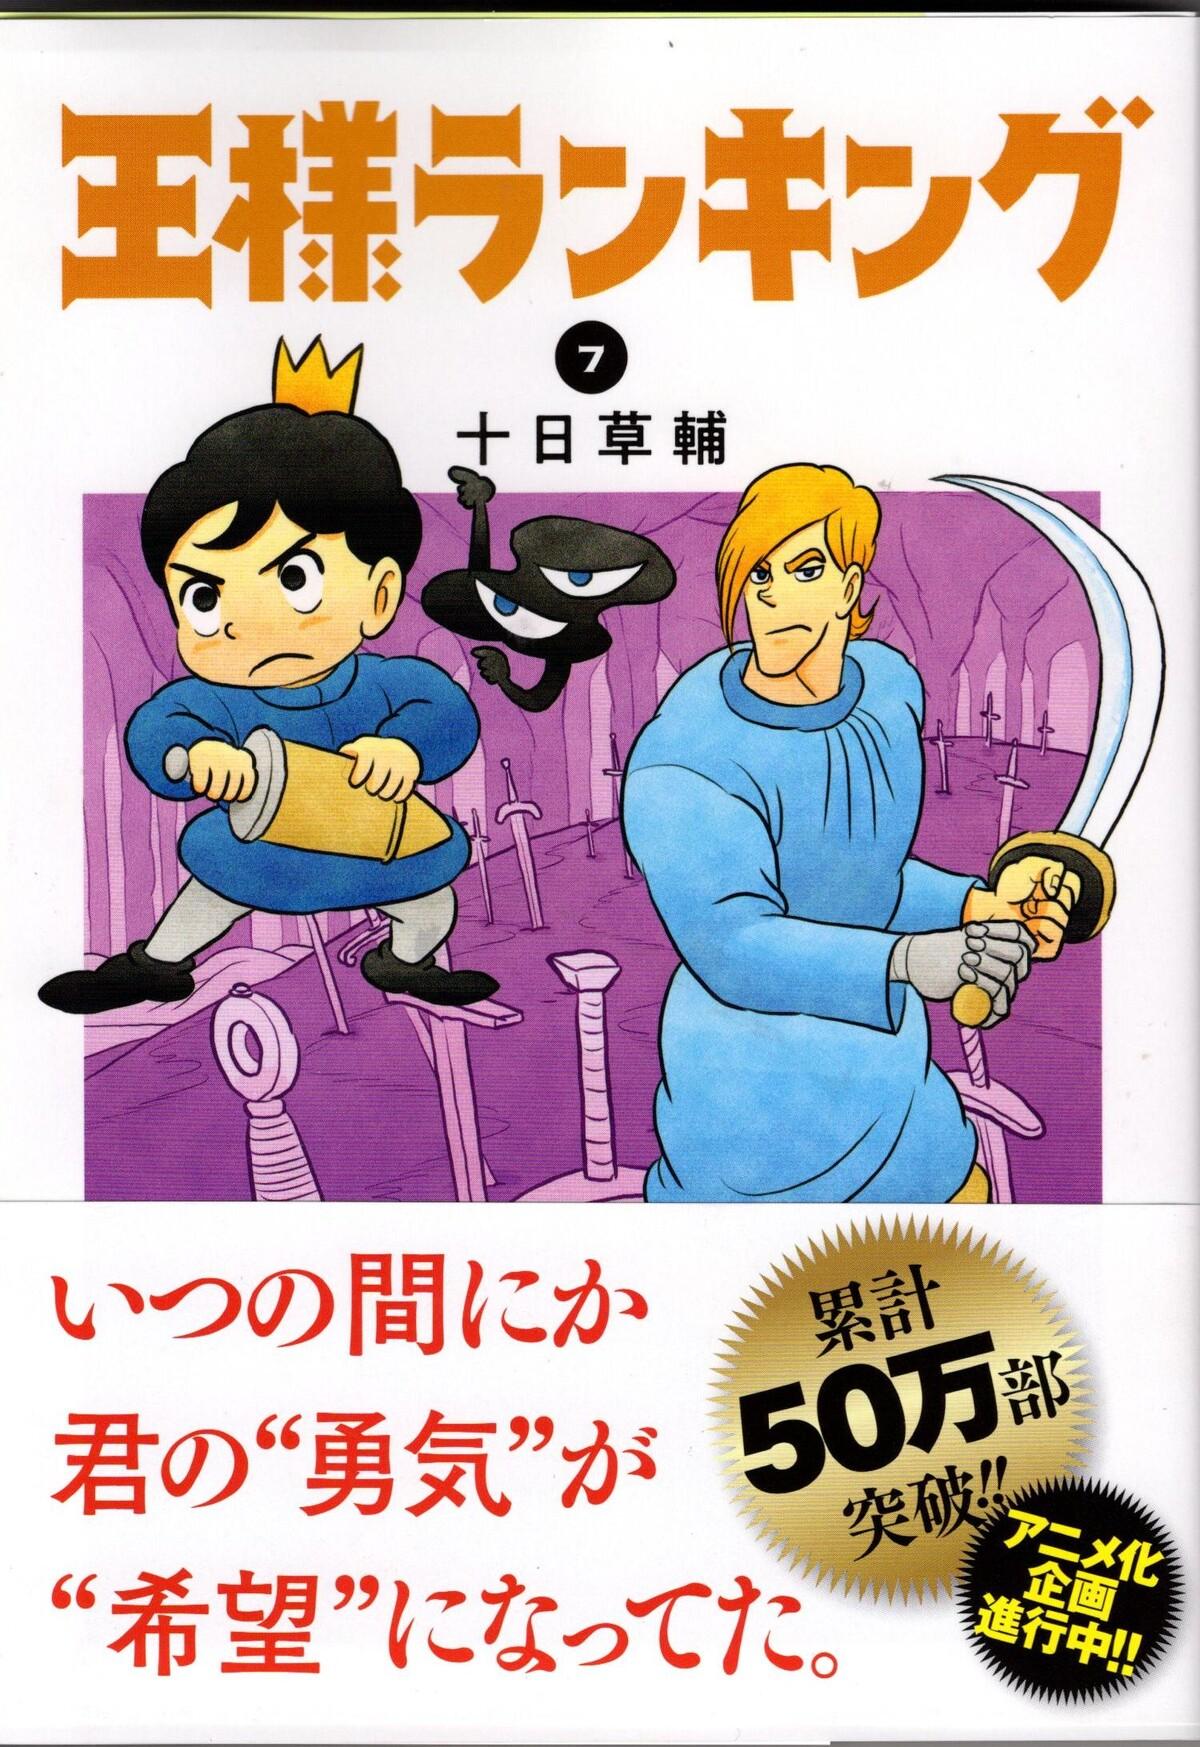 アニメ 王様 ランキング